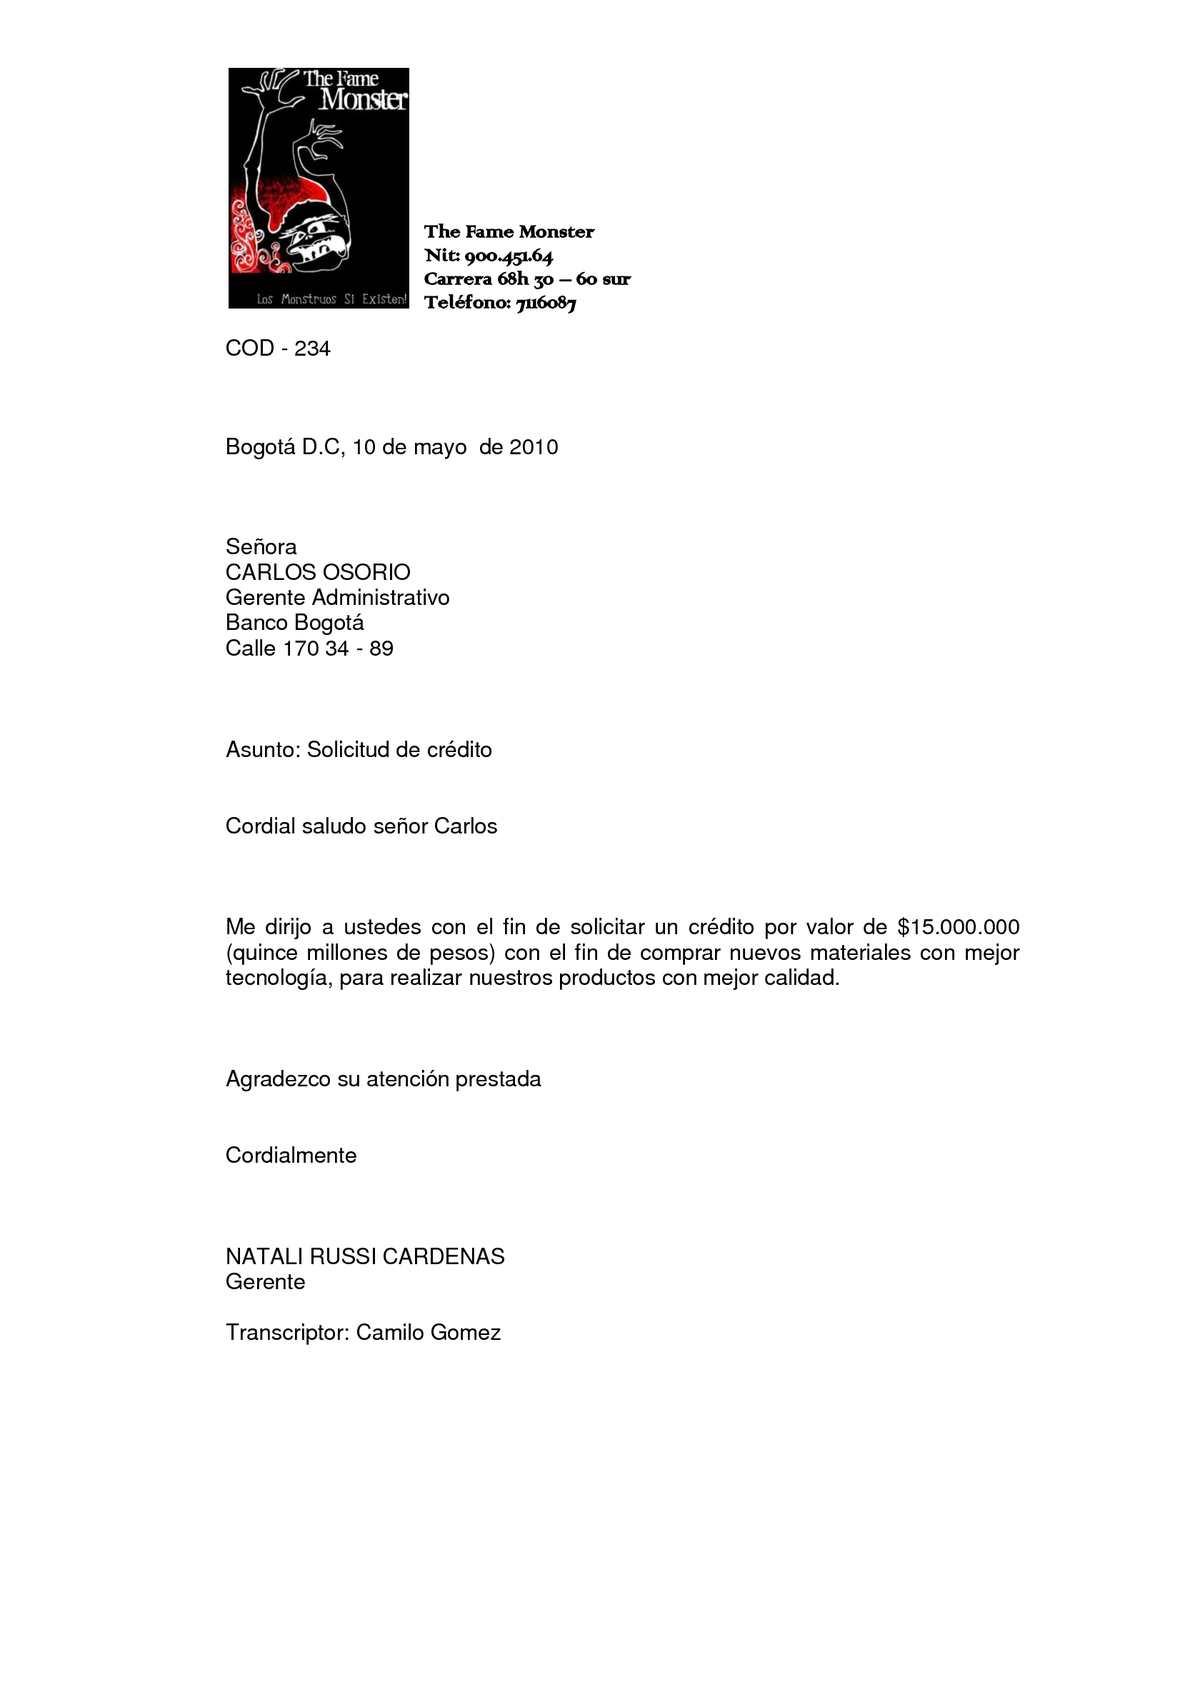 Artesanato Ideias De Natal ~ Calaméo Carta Solicitud de credito